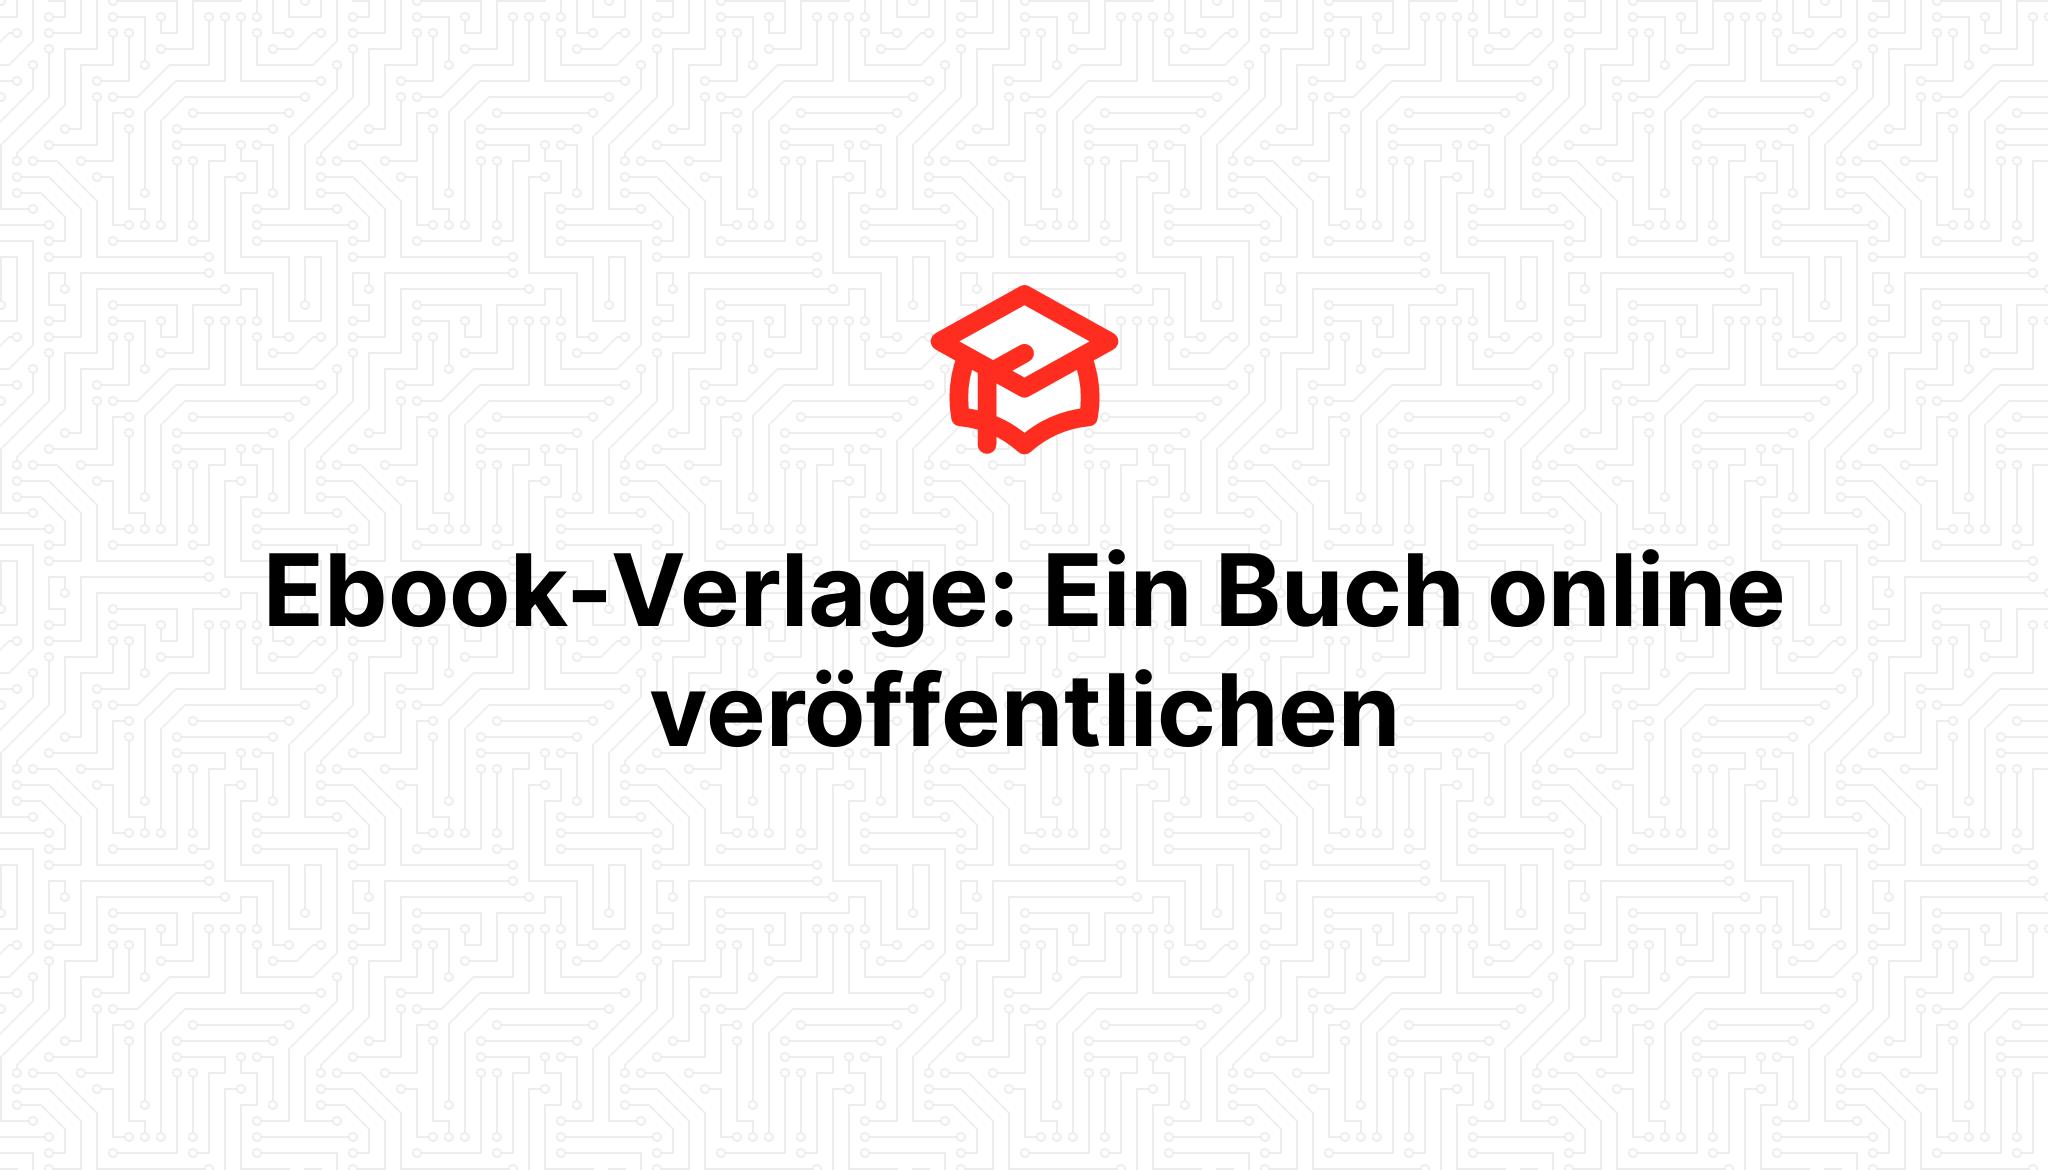 Ebook-Verlage: Ein Buch online veröffentlichen